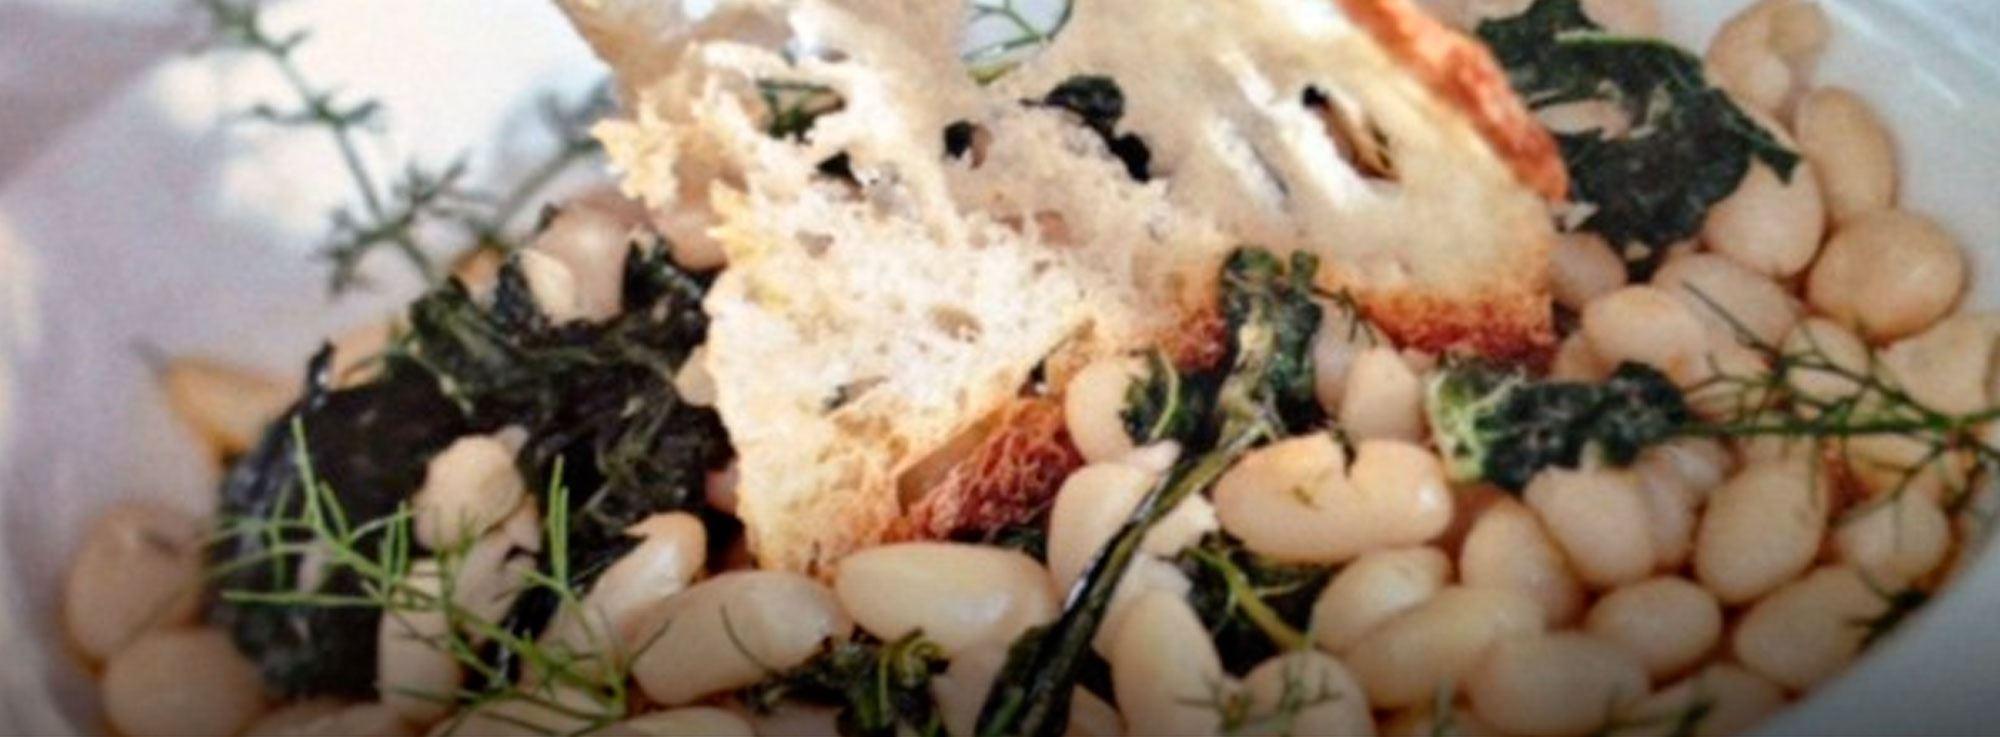 Ricetta: Fagioli con erbe spontanee su crostini di pane